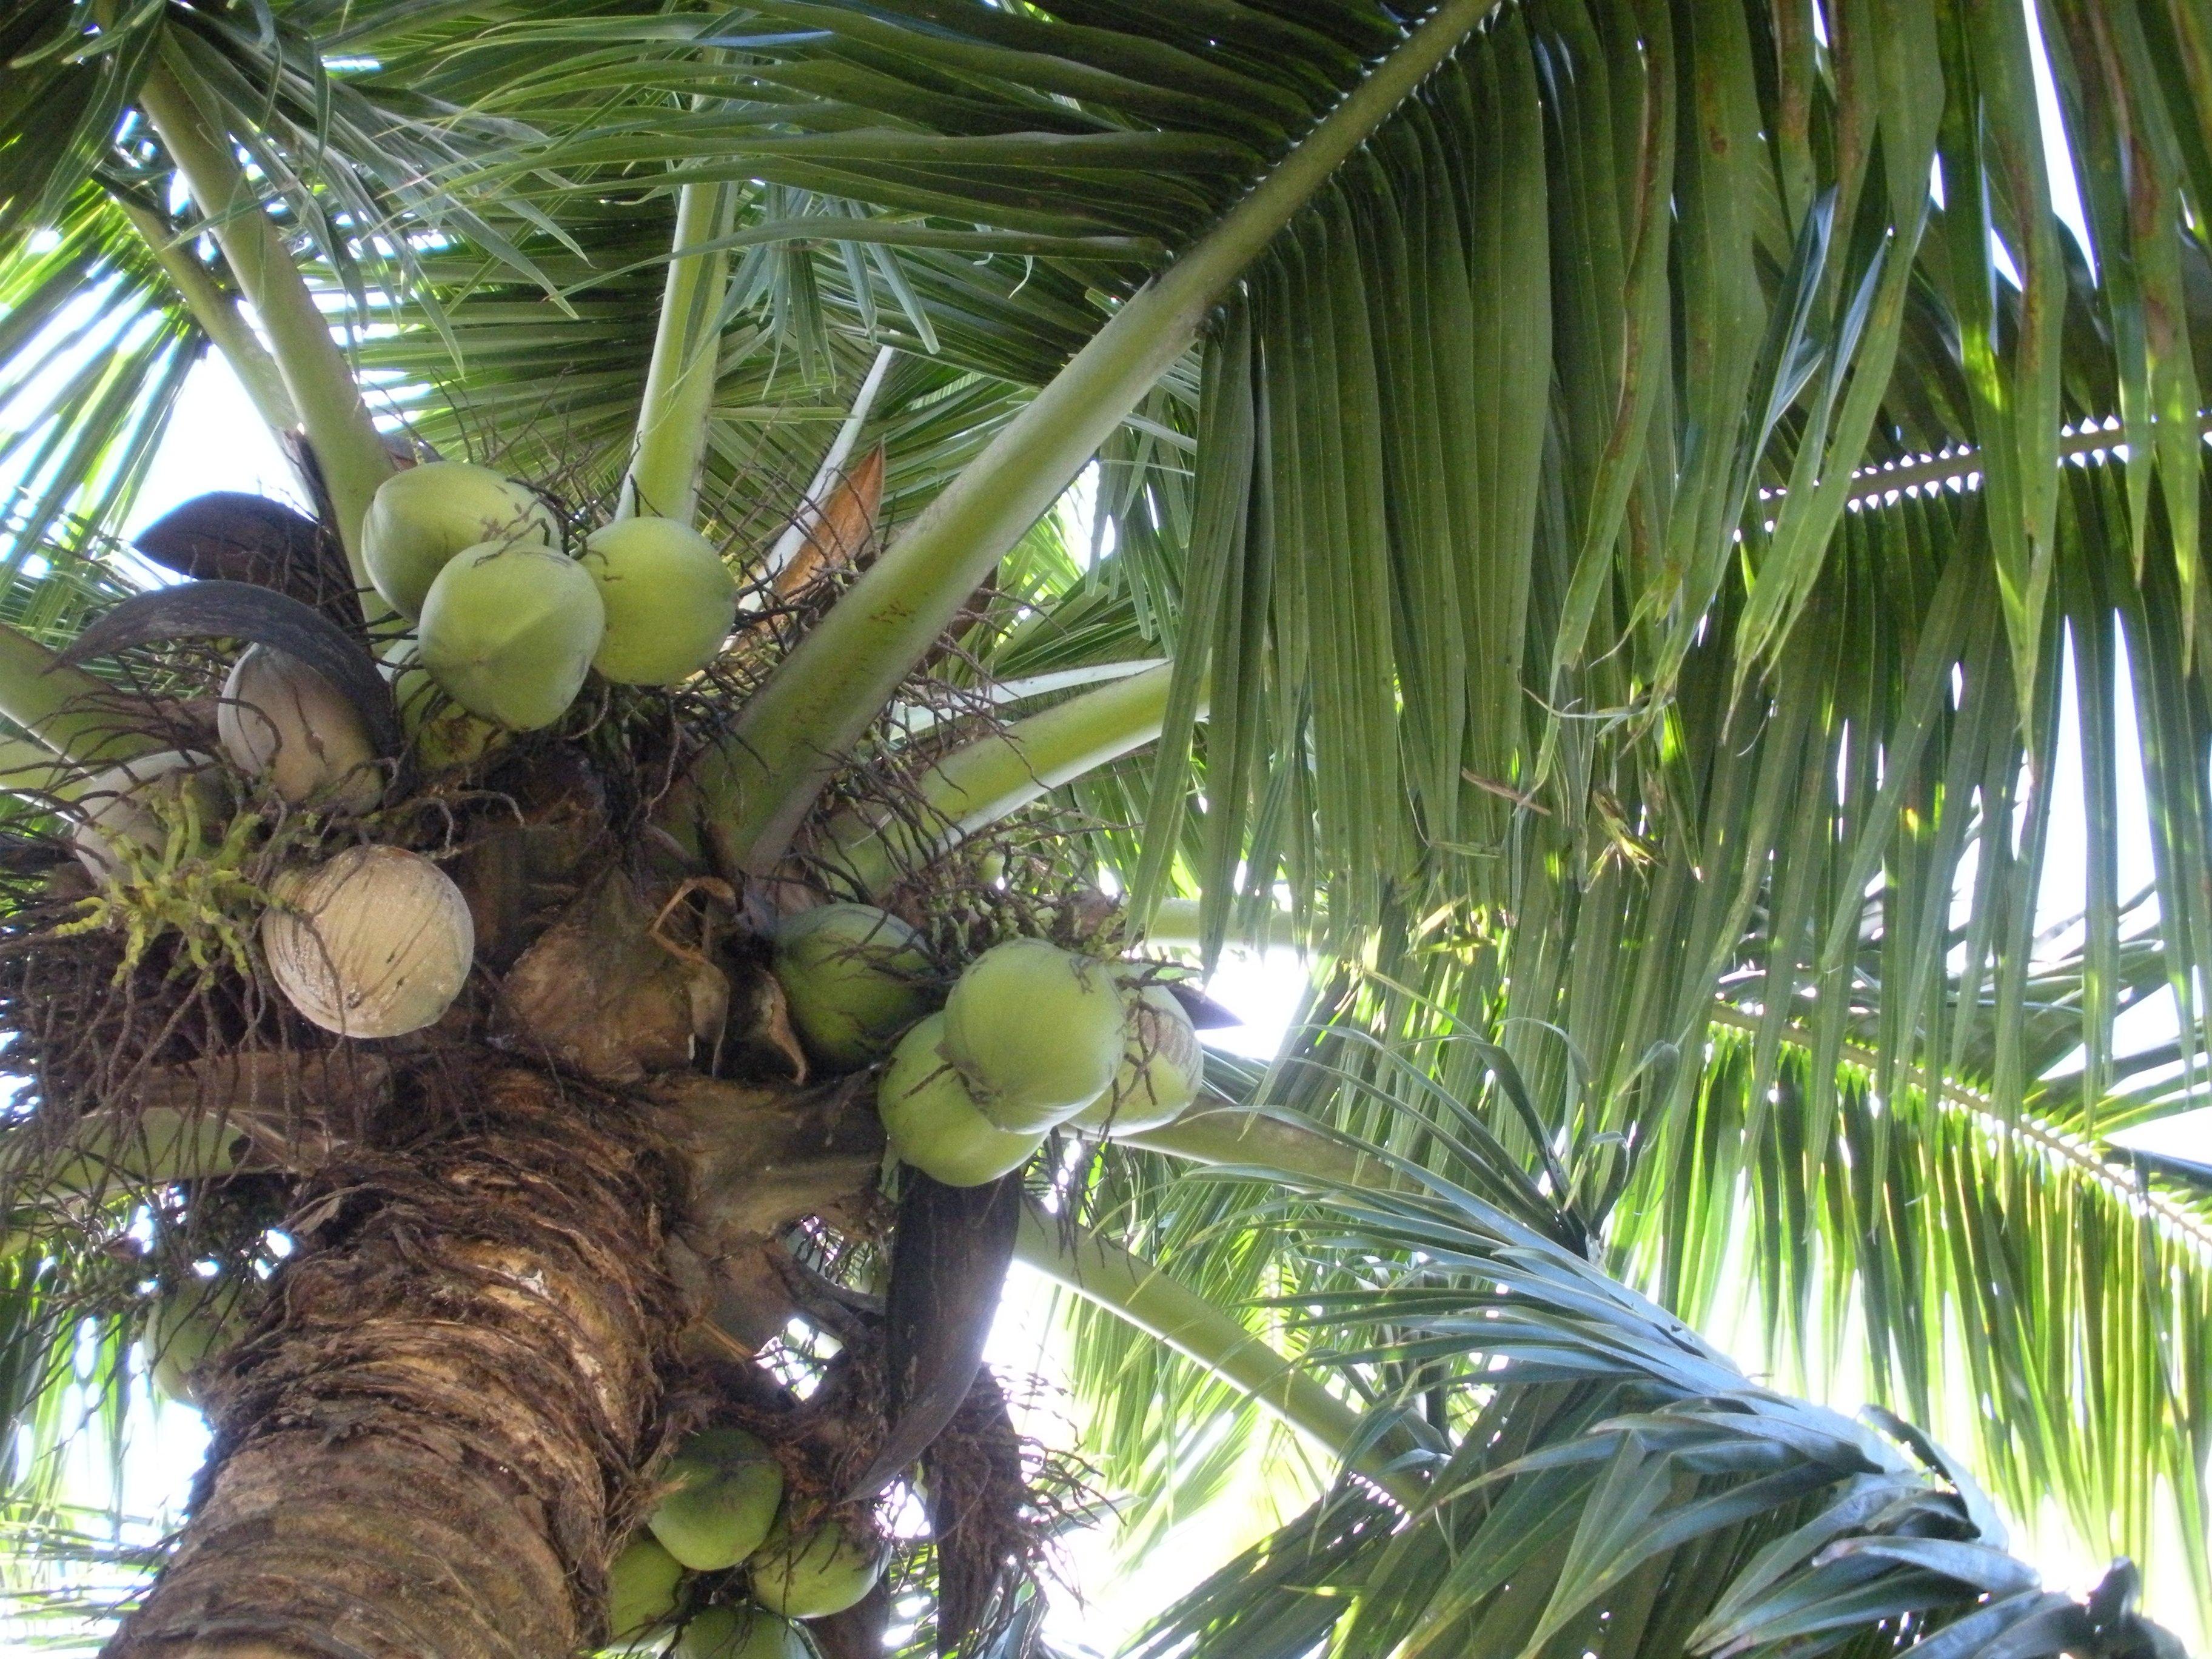 Voyage a tahiti faire du lait de coco morgane 2009 histoire de famille - Arbre noix de coco ...